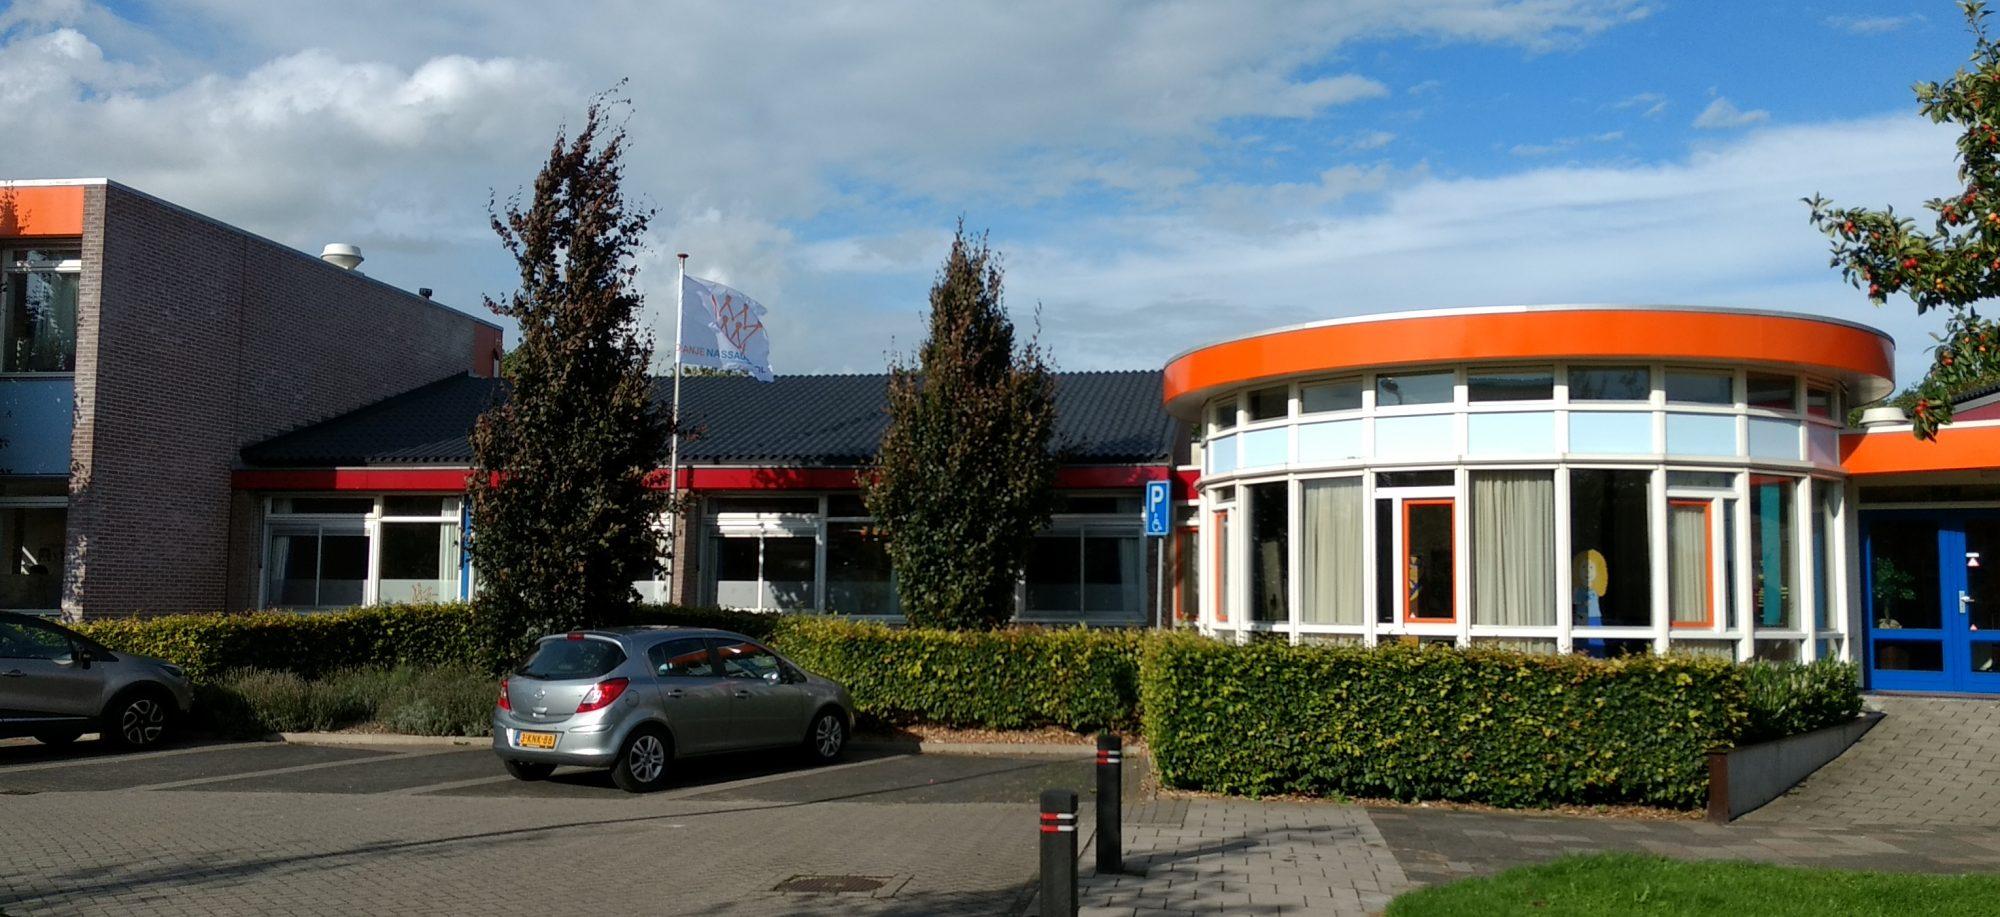 Oranje-Nassauschool Stolwijk